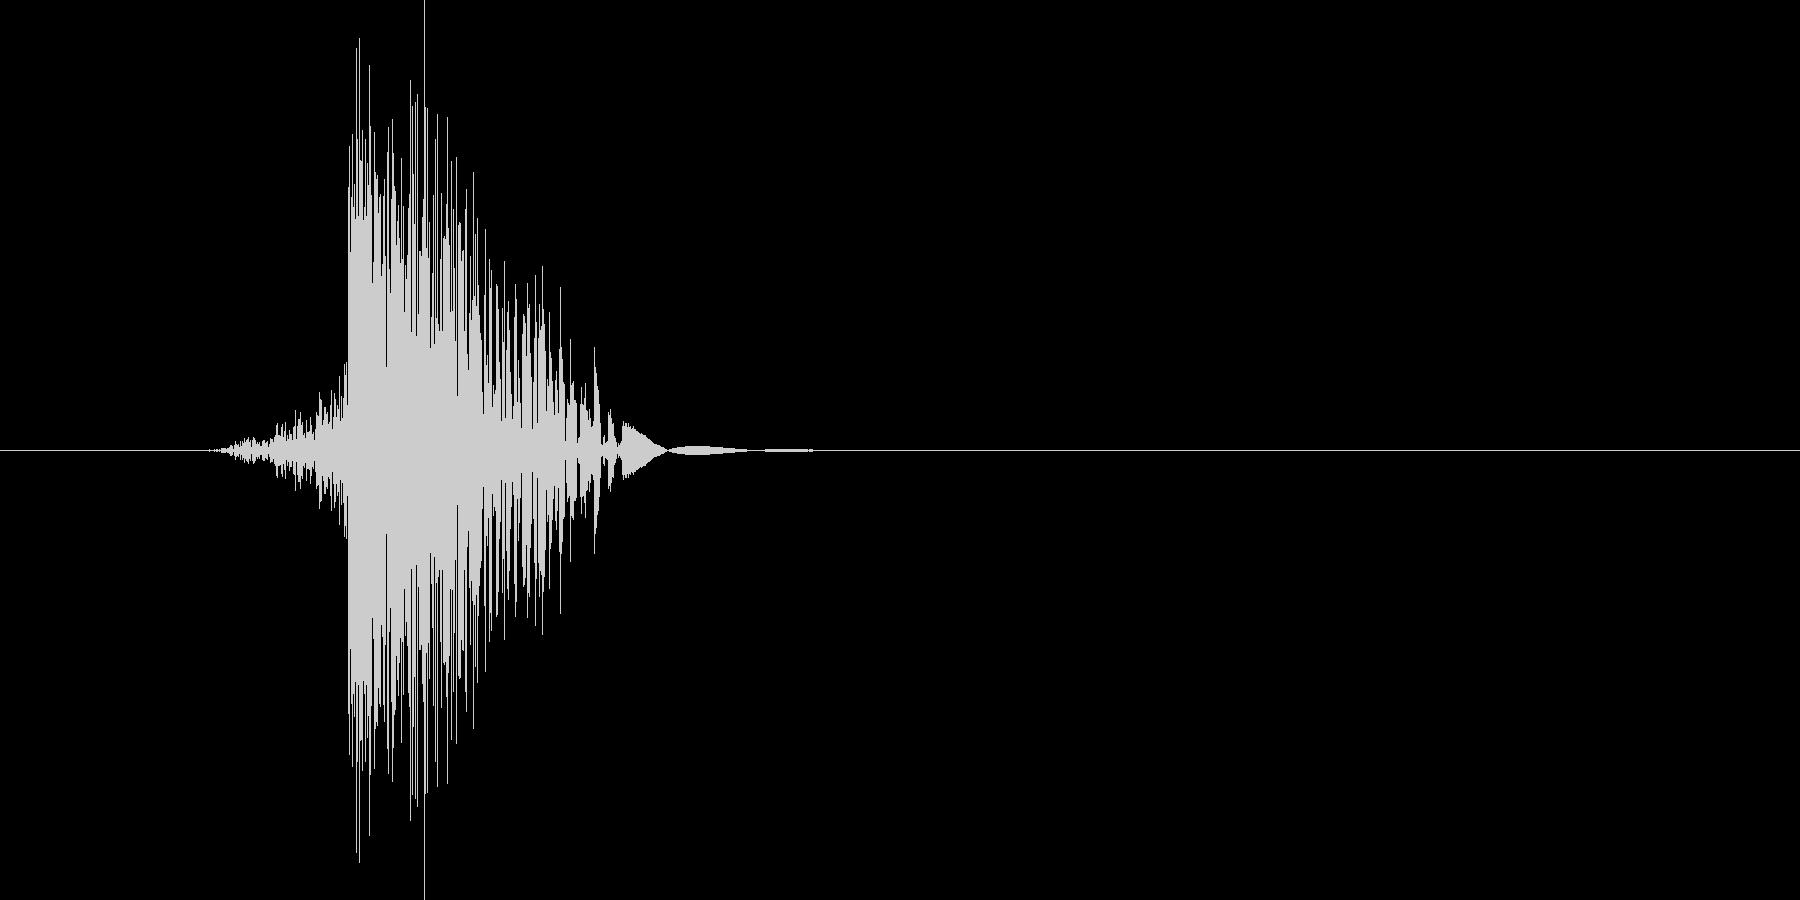 ゲーム(ファミコン風)ヒット音_017の未再生の波形